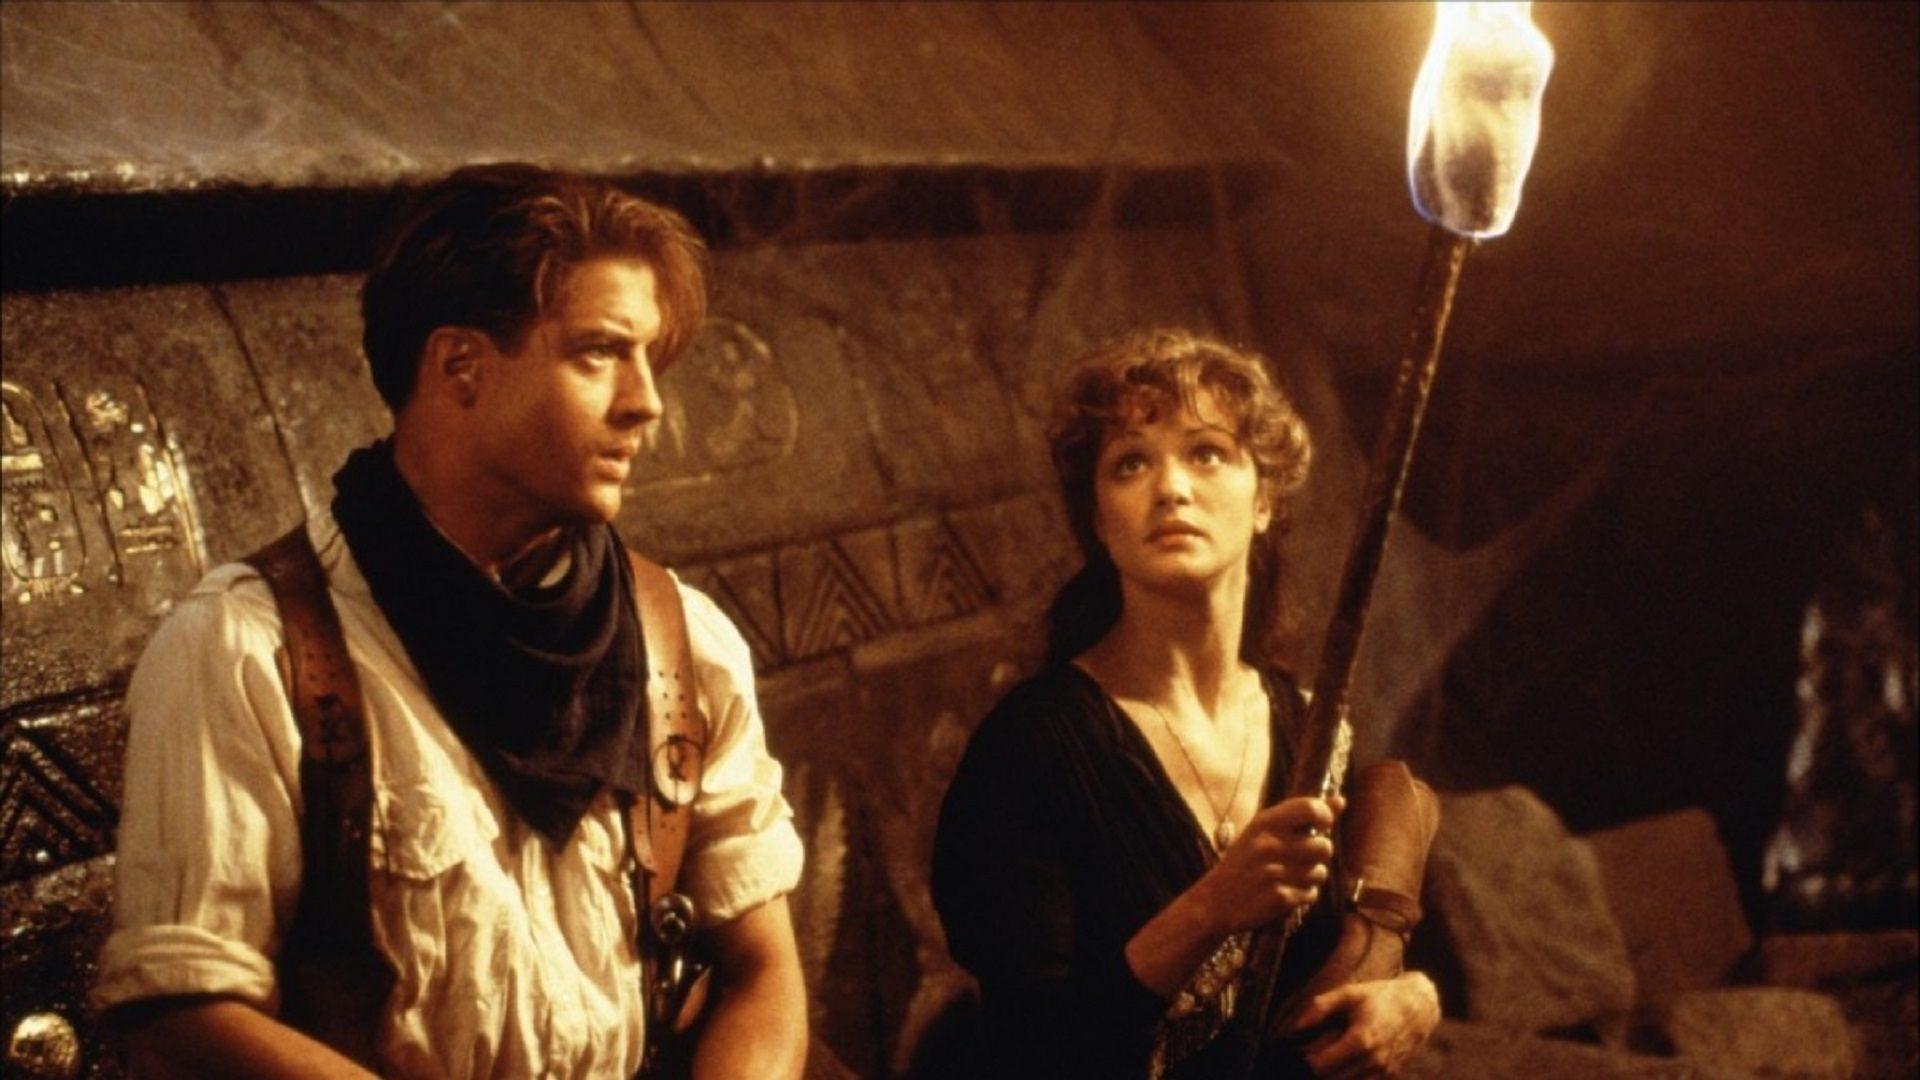 Романтика плюс приключения: Отличные фильмы, которые смешивают любовь и авантюры